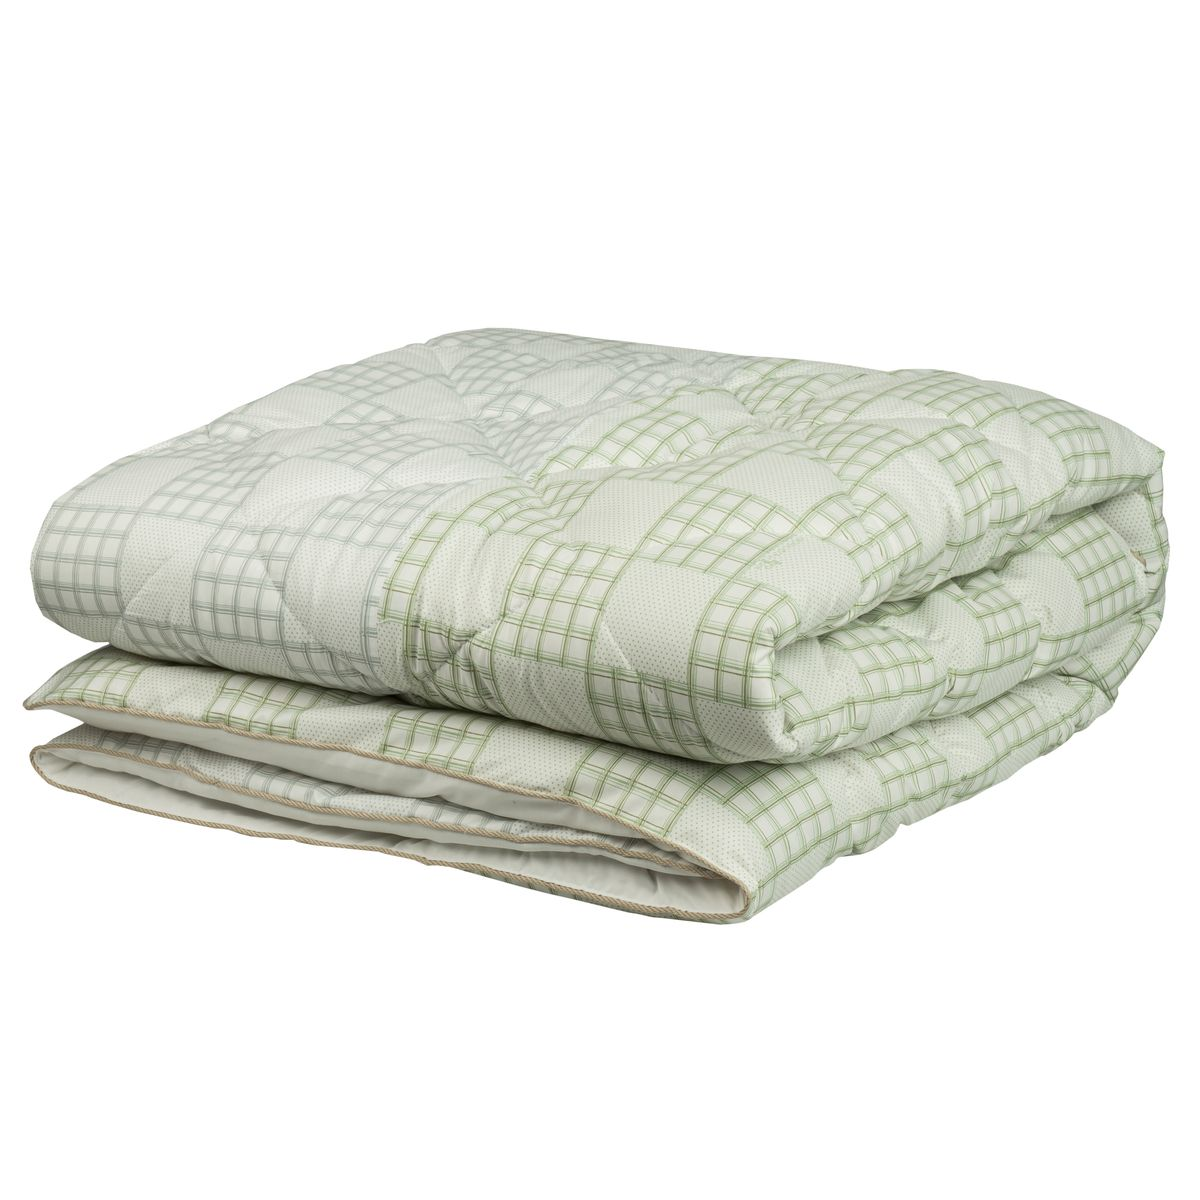 Одеяло Mona Liza Chalet Climat Control, цвет: серый, оливковый, 170 х 200 см539938/2Одеяло Mona Liza Chalet Climat Control изготовлено из плотного тика, с отделочным кантом. Одновременно имеет две зоны температурного режима, поскольку наполнитель состоит из двух частей: одна половина изделия более теплая, содержит волокна натуральной шерсти, а вторая половина одеяла прохладная - так как наполнена натуральными растительными волокнами. Такое одеяло сделает спальное место уютным и подарит ощущение комфорта.